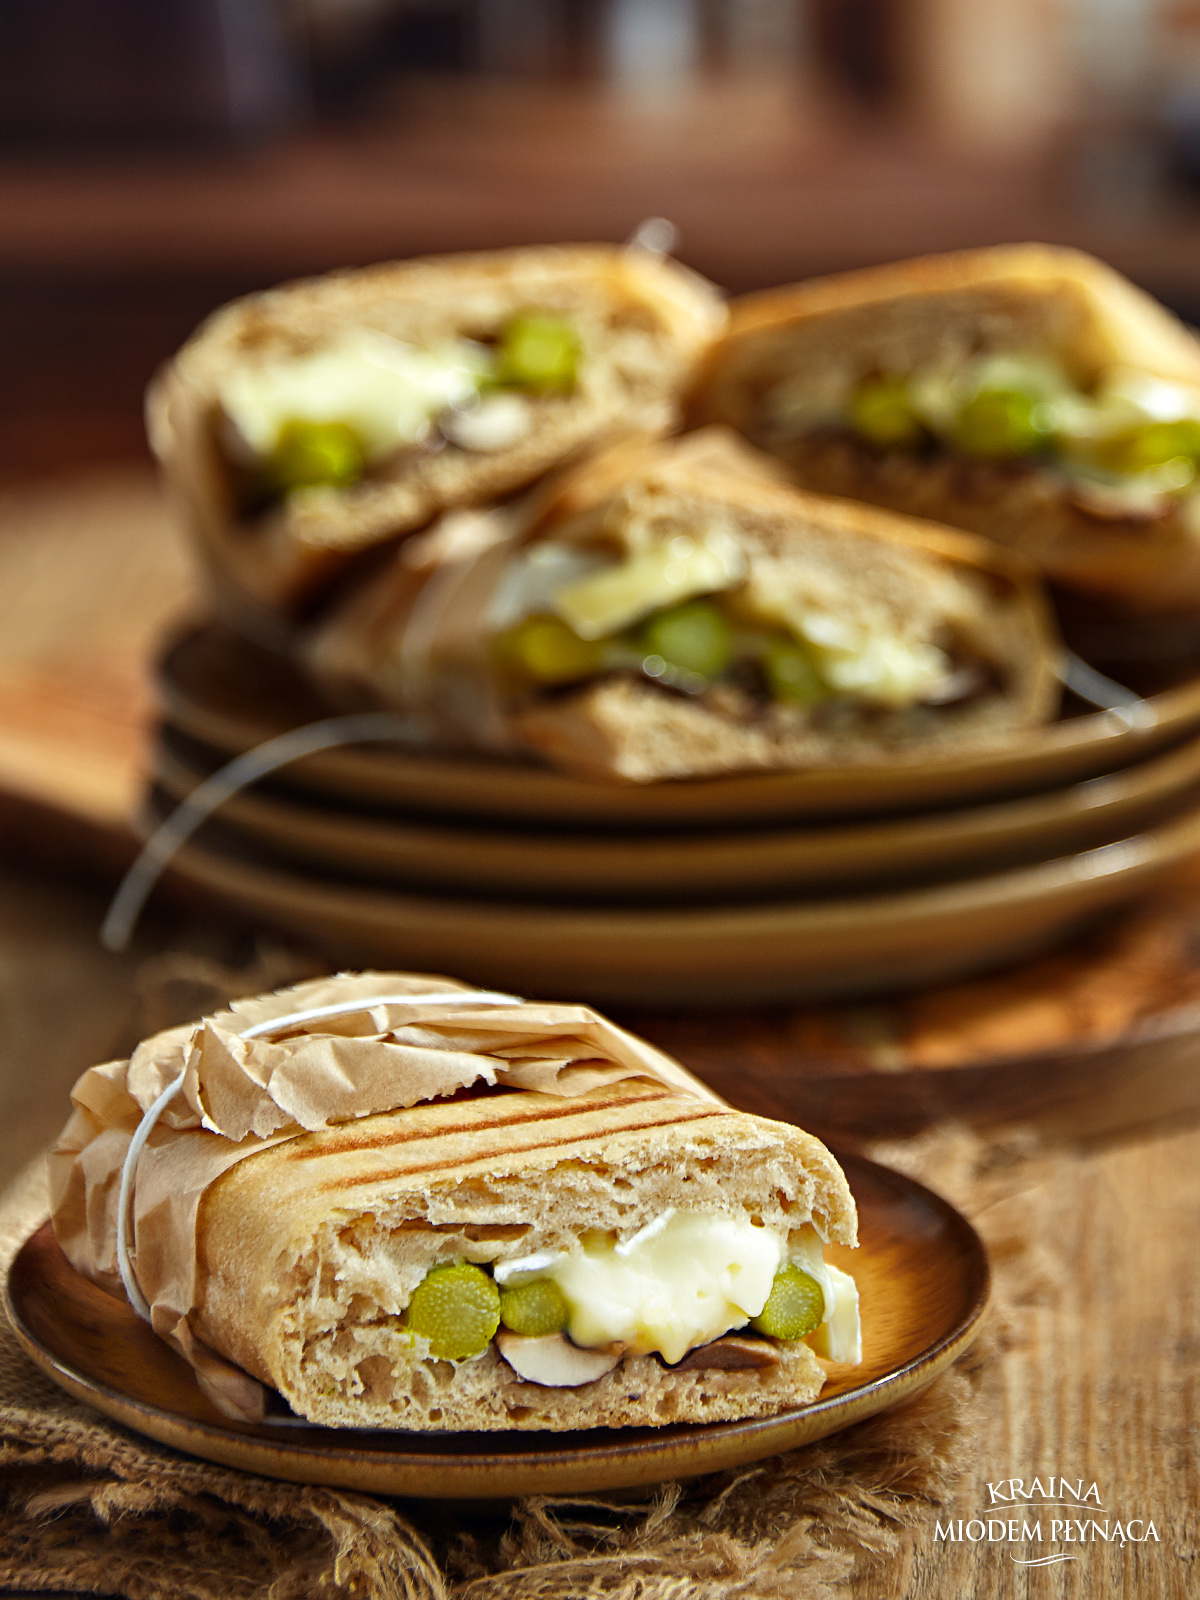 zapiekane tosty ze szparagami, zapiekane tosty z pieczarkami, zapiekanka ze szparagami, zapiekanka z pieczarkami, grzanki ze szparagami, grzanki z pieczarkami, kanapka ze szparagami, kraina miodem płynąca